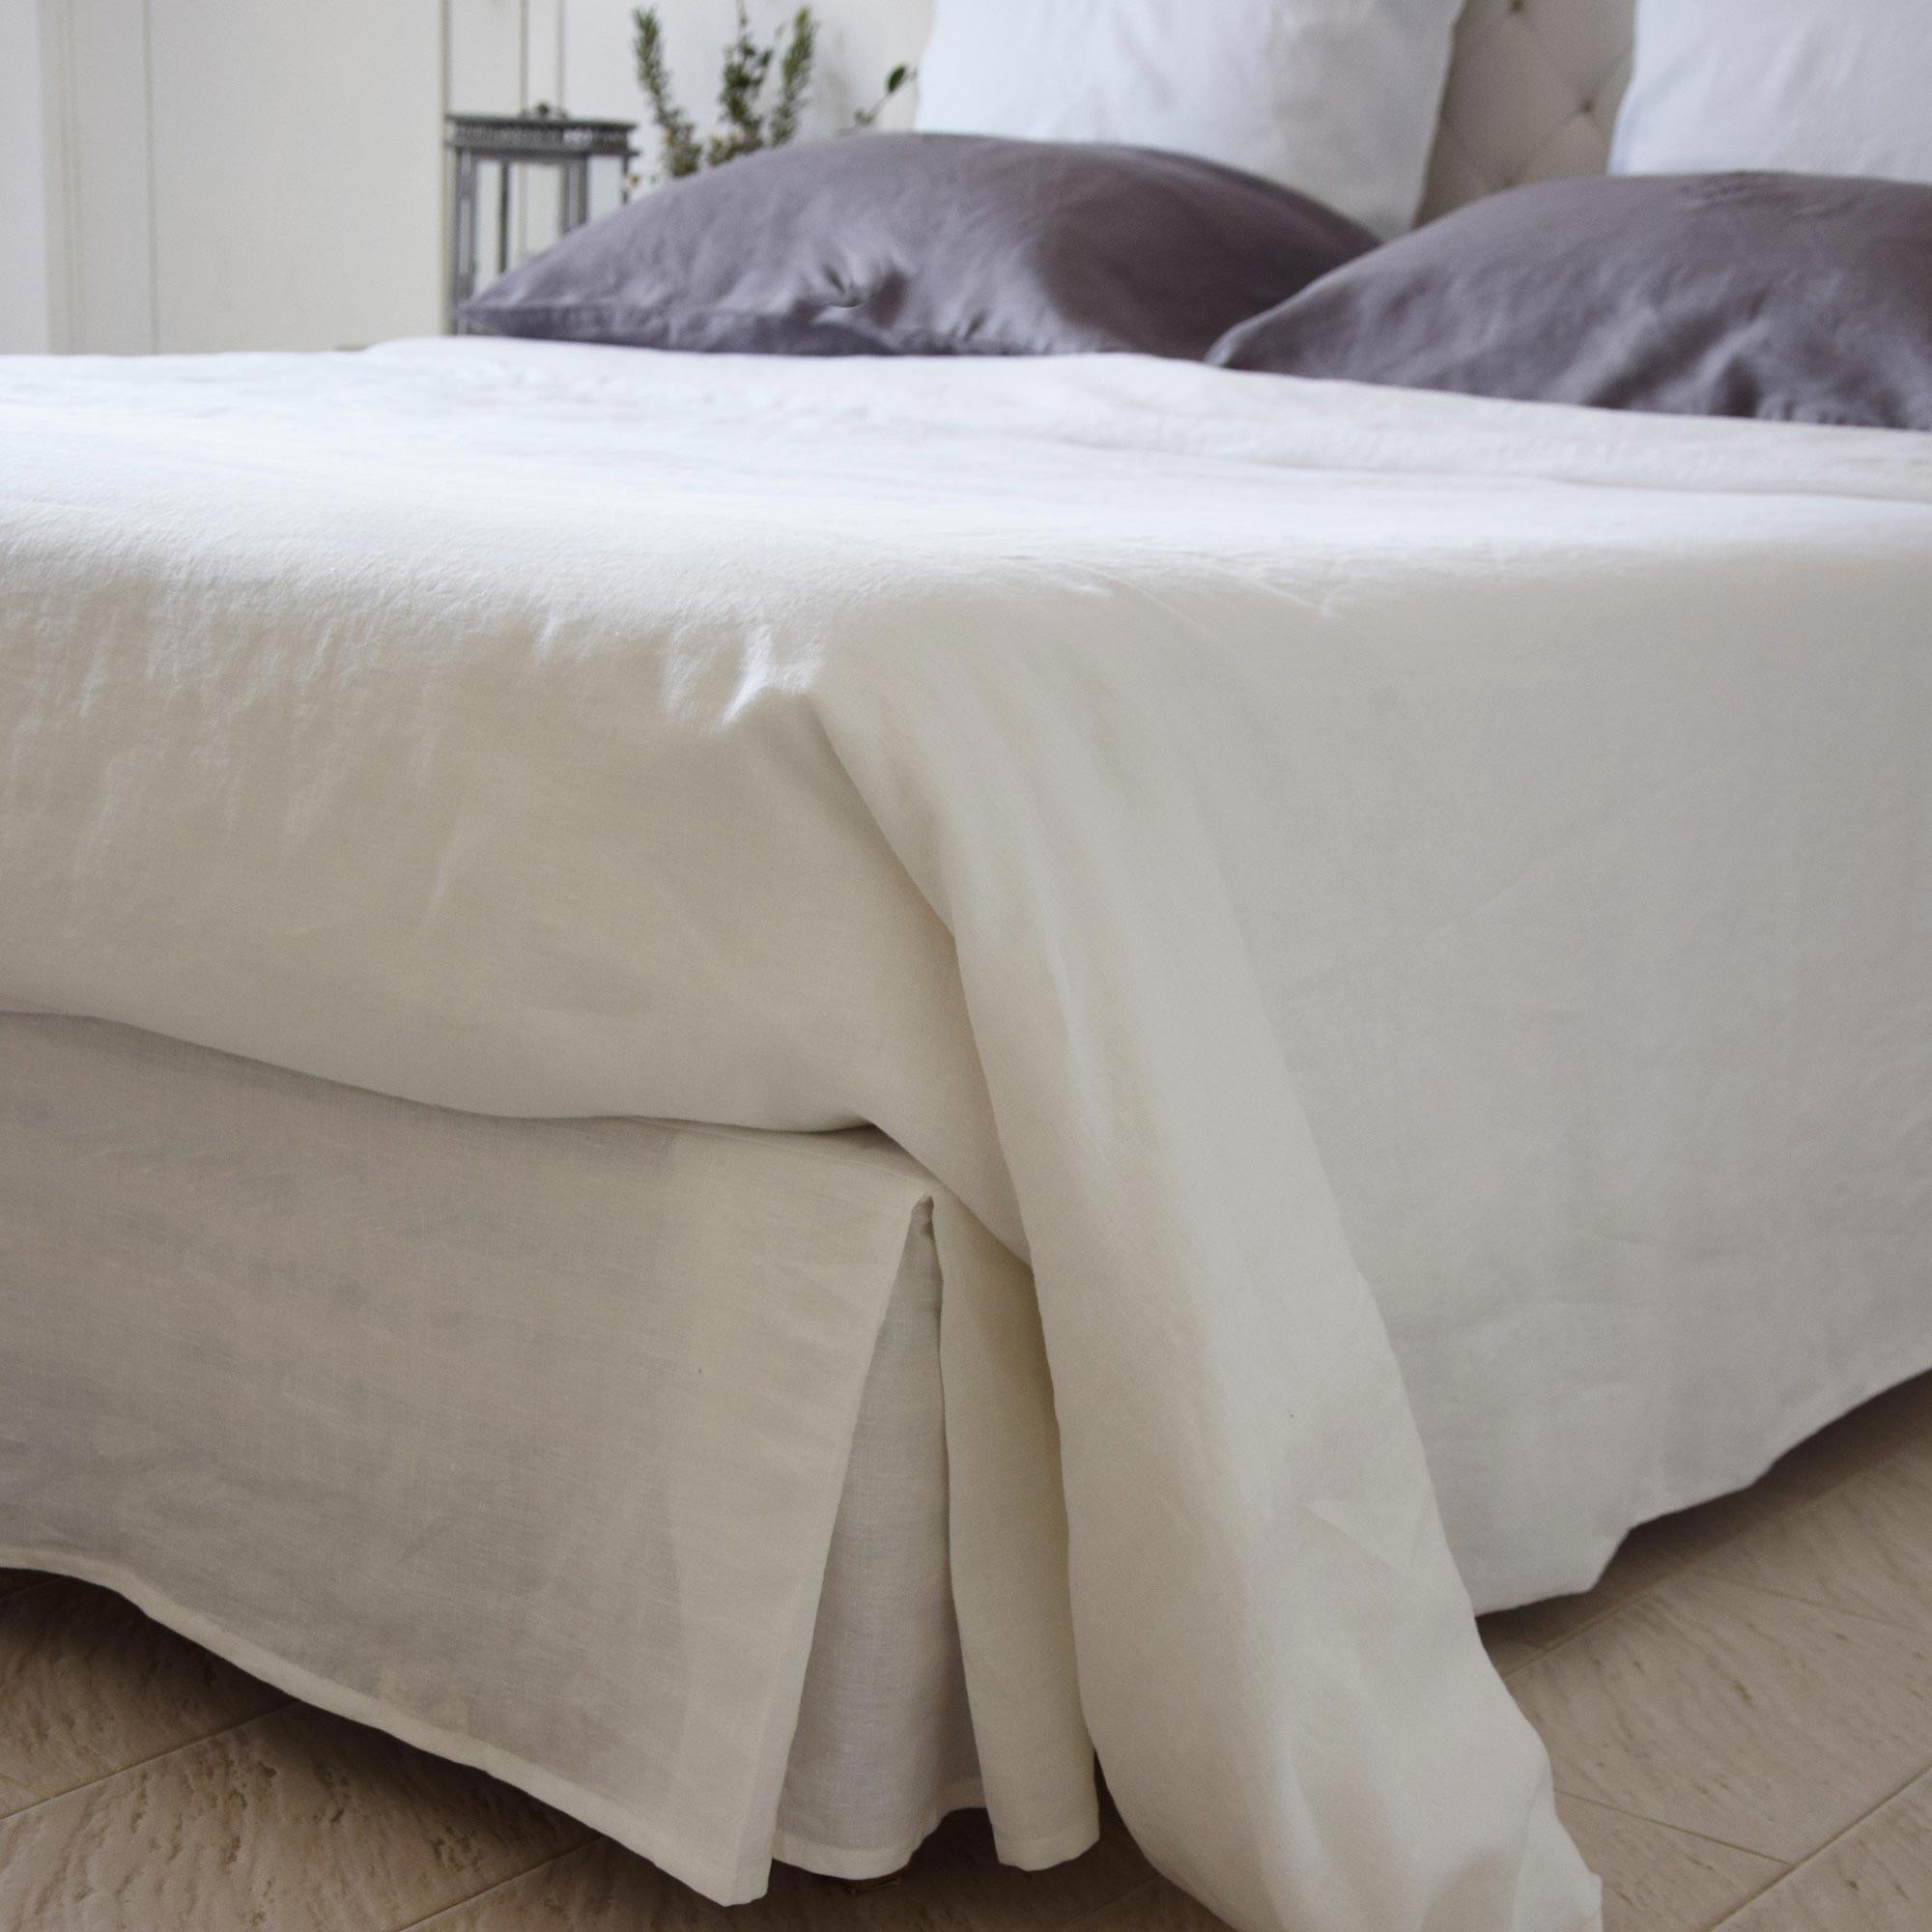 linge de lit cache sommier Cache sommier en lin blanc   Maison d'été linge de lit cache sommier